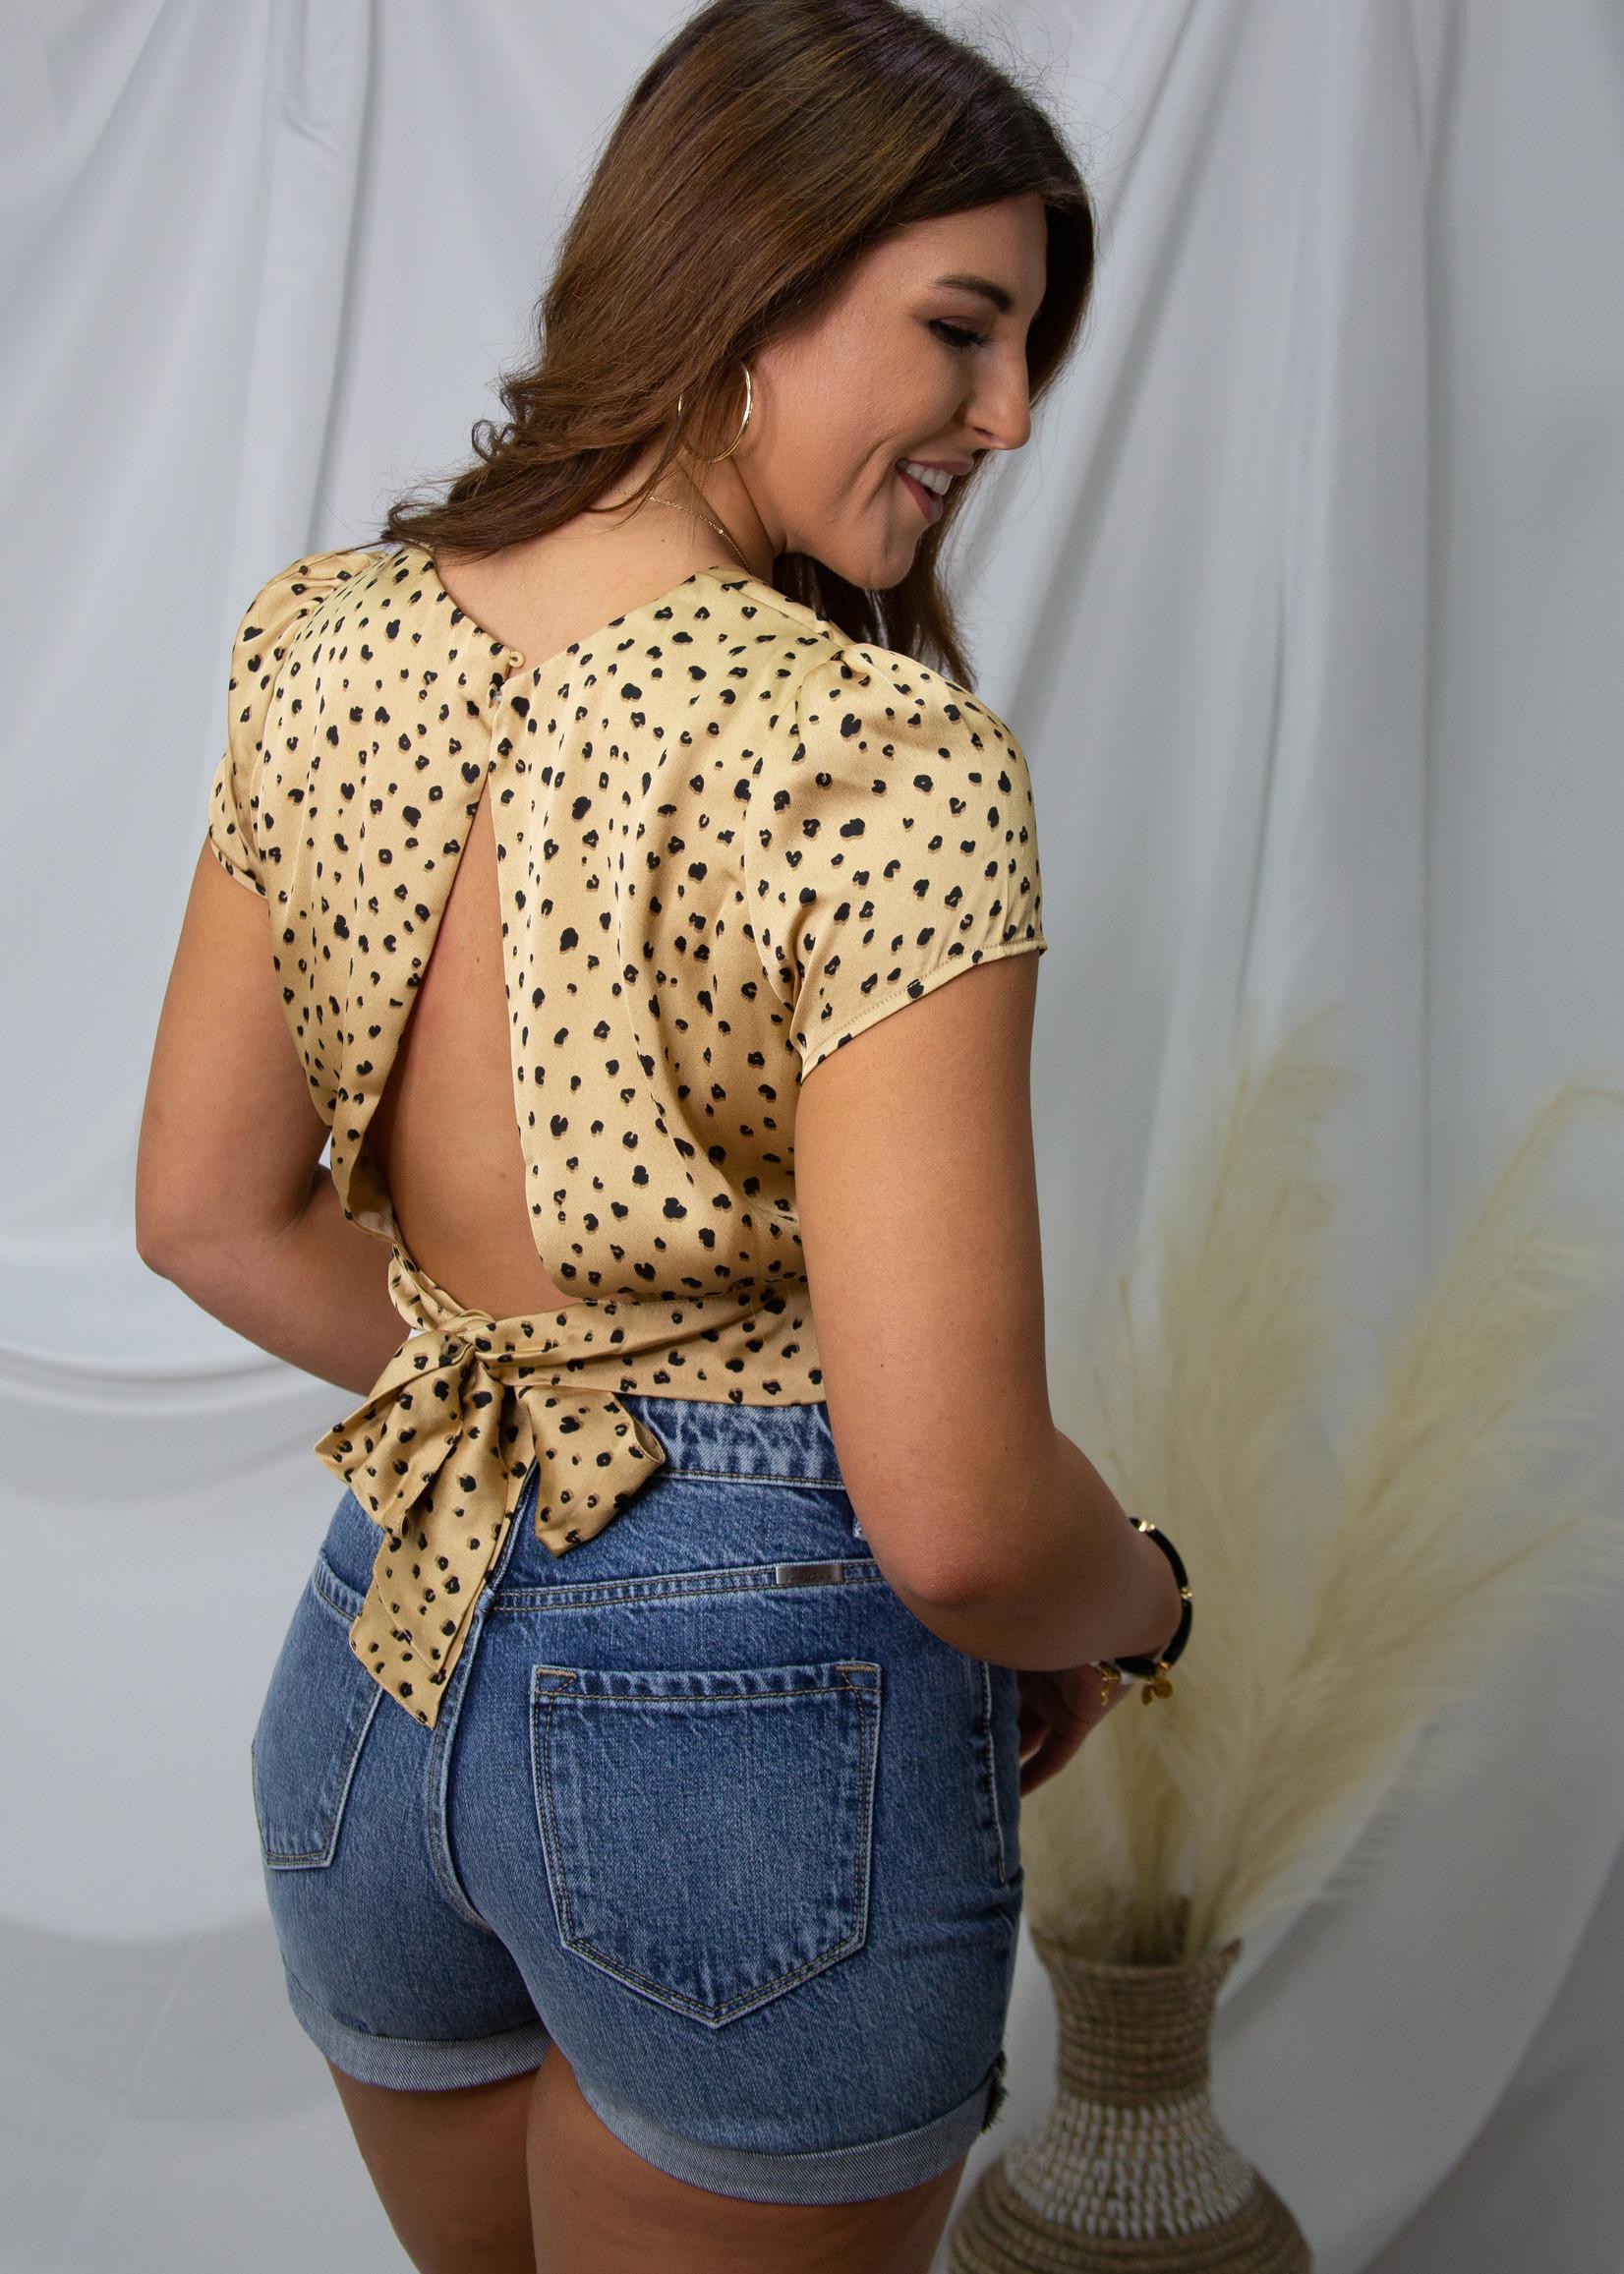 Leopard Detail Top w/ Tie Back